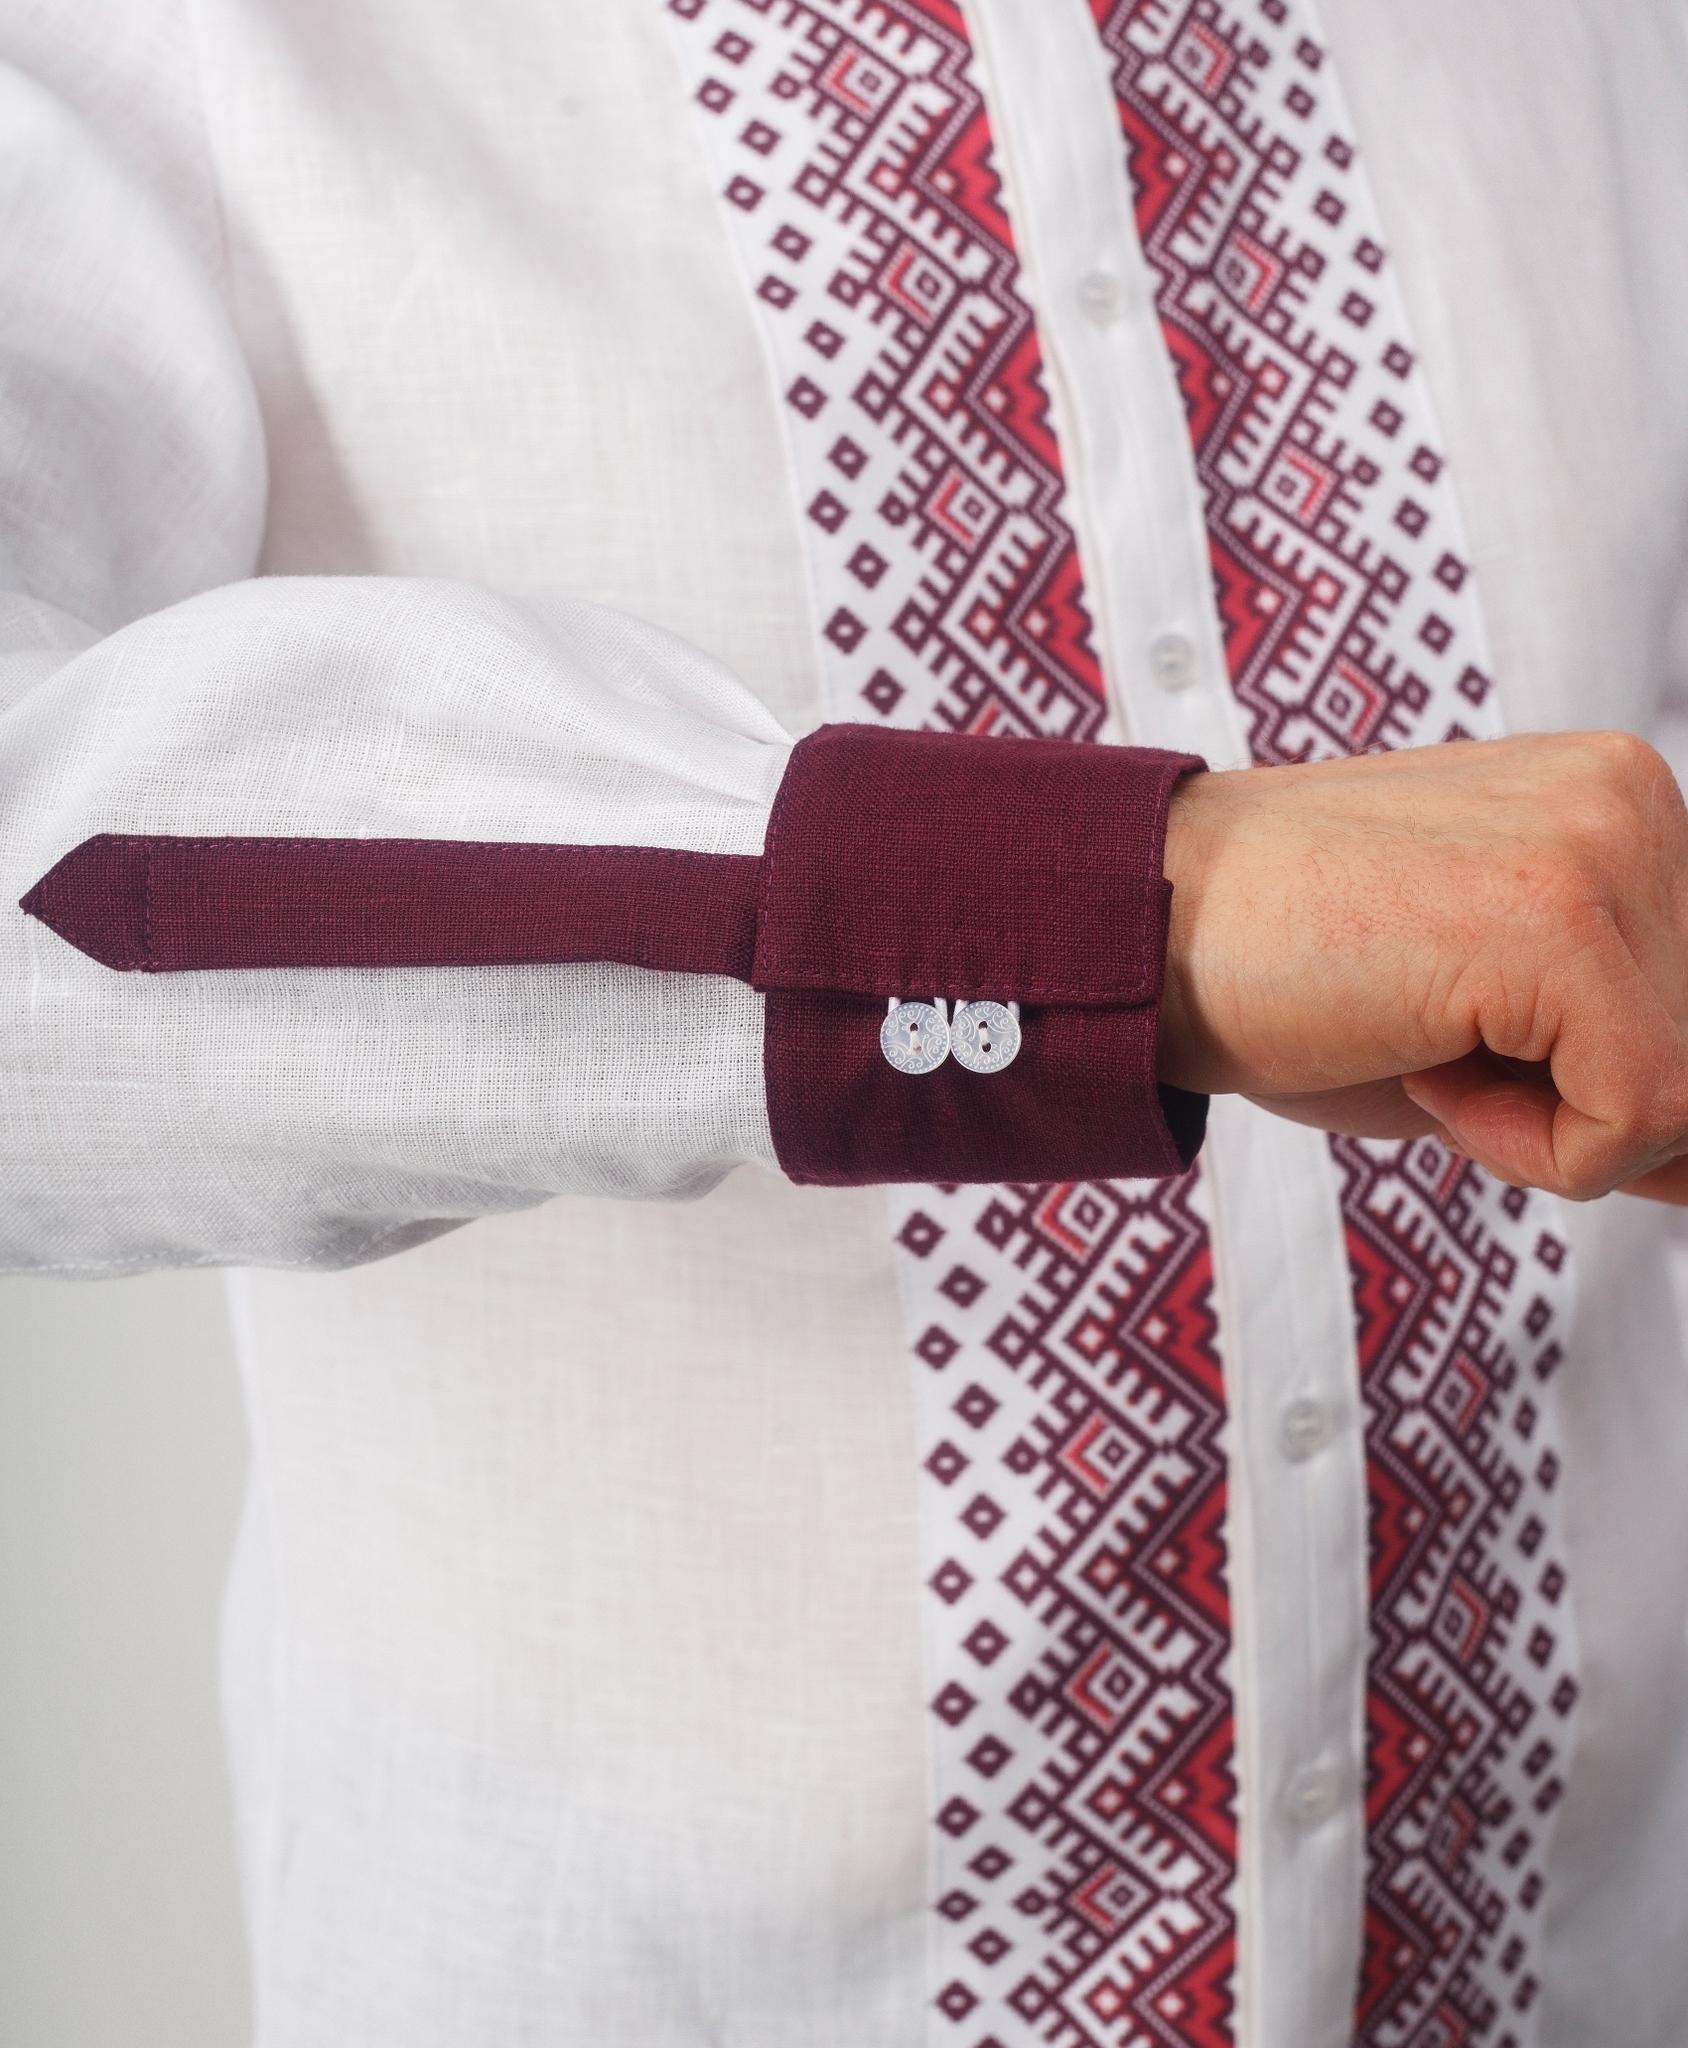 Рубашка мужская Южная манжеты